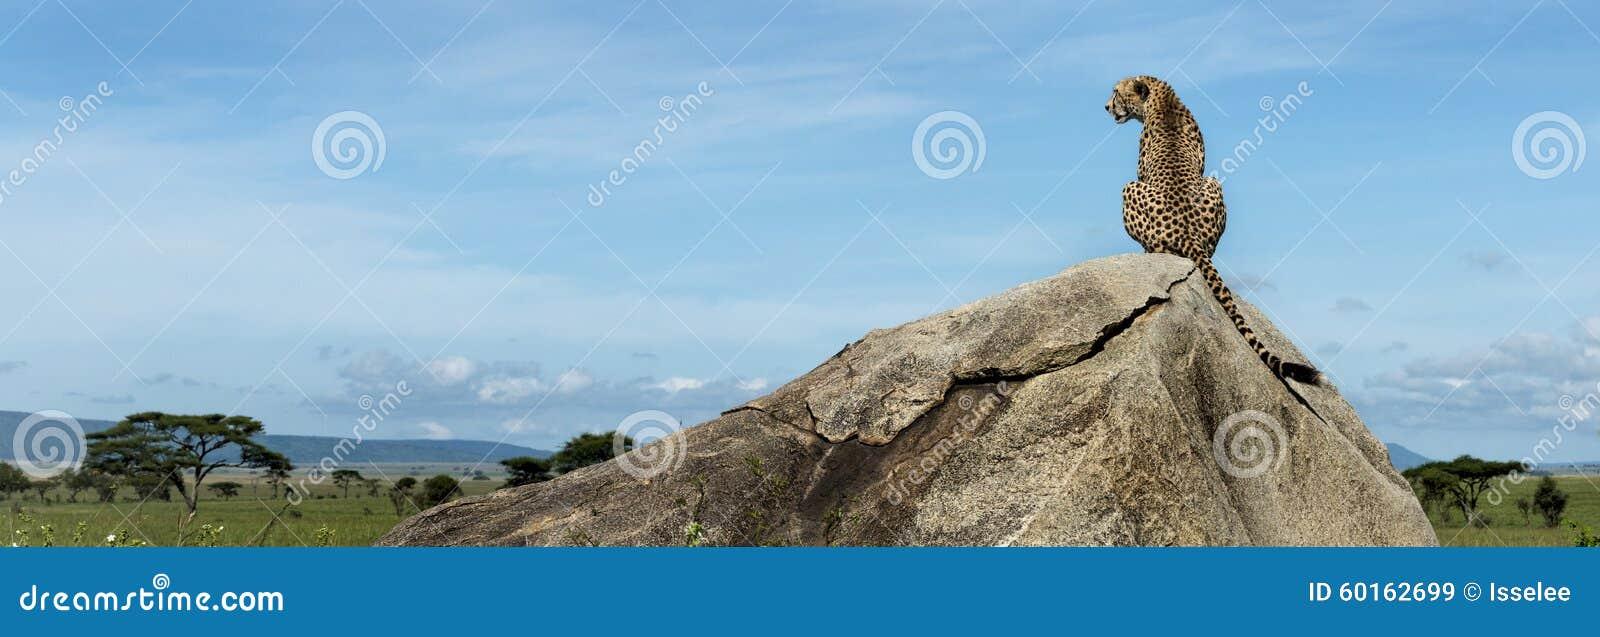 Chita que senta-se em uma rocha e que olha afastado, Serengeti